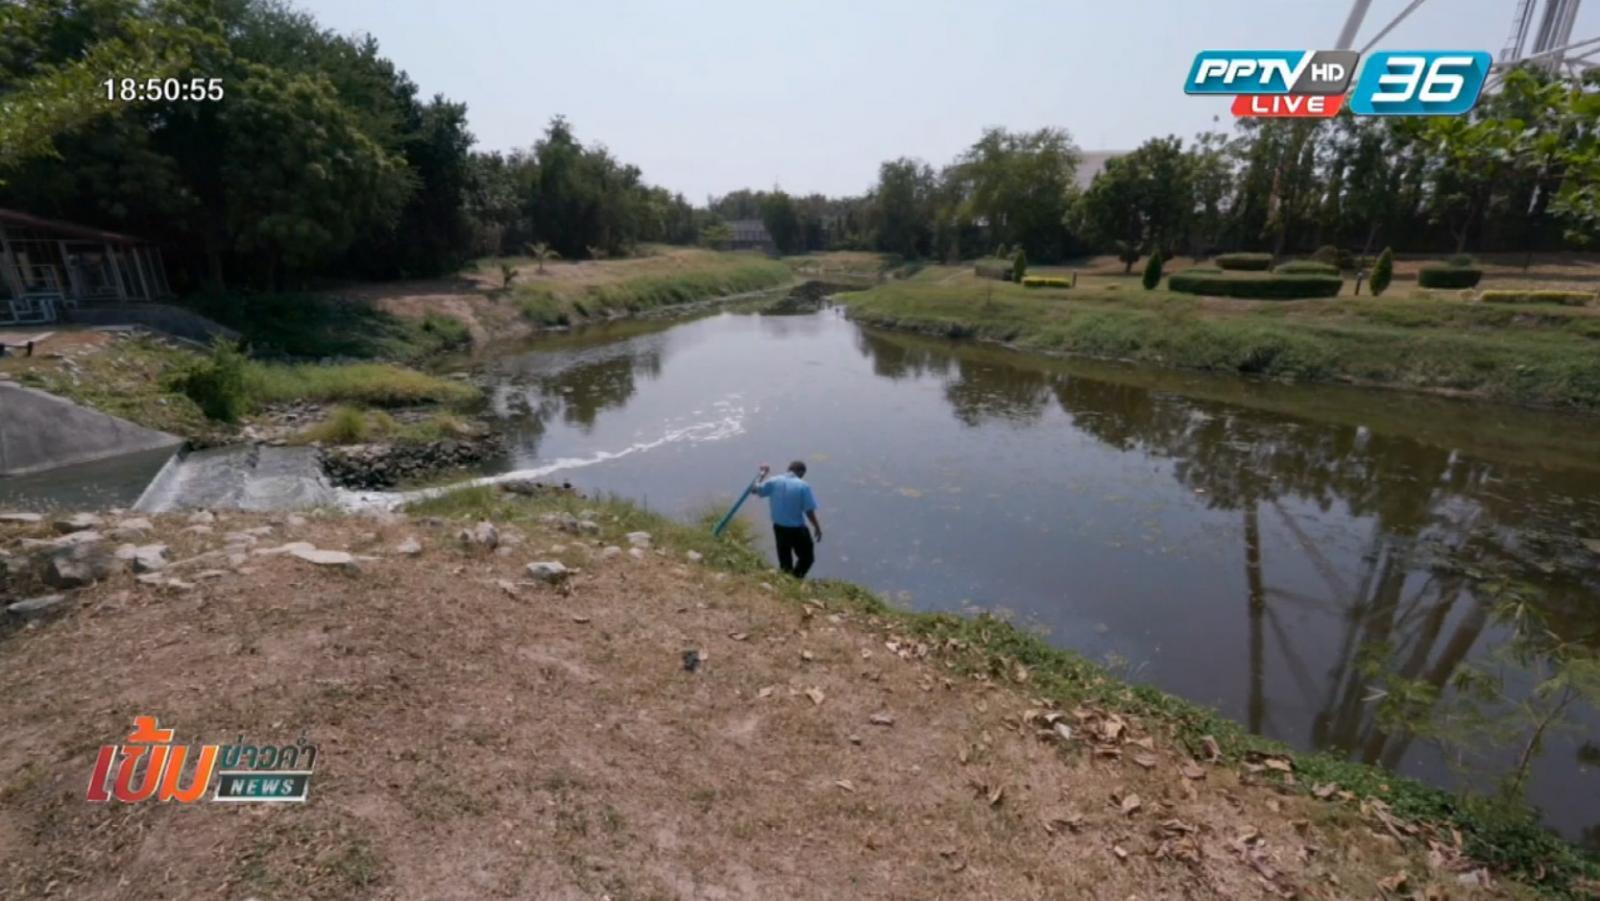 หวั่นนโยบายไฟเขียวโรงงานปล่อยน้ำช่วยเกษตรกร เป็นช่องว่างลักลอบทิ้งน้ำเสีย